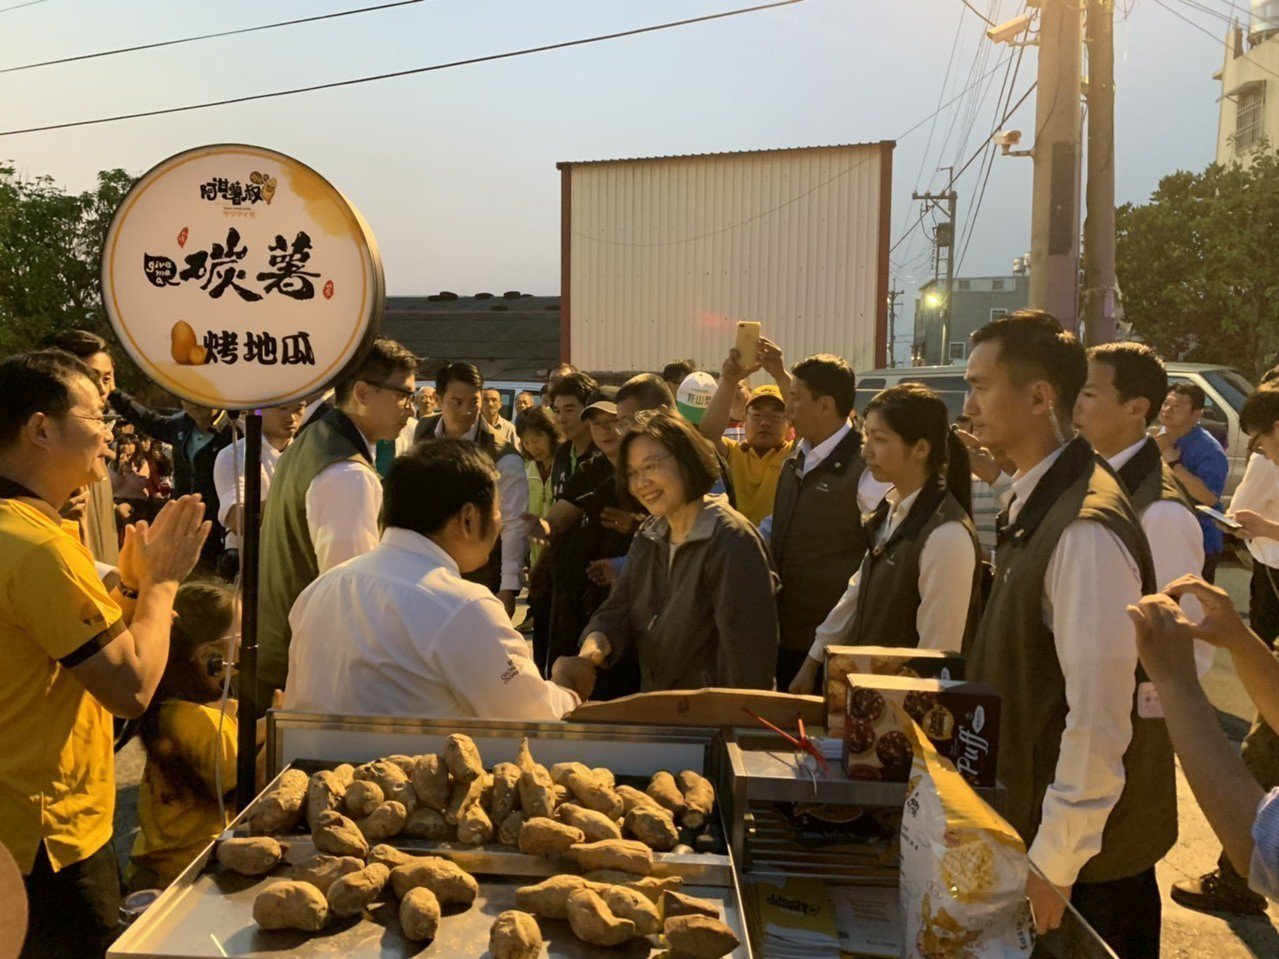 總統蔡英文今天到台灣番薯主產地水林鄉品嘗烤地瓜。記者蔡維斌/翻攝